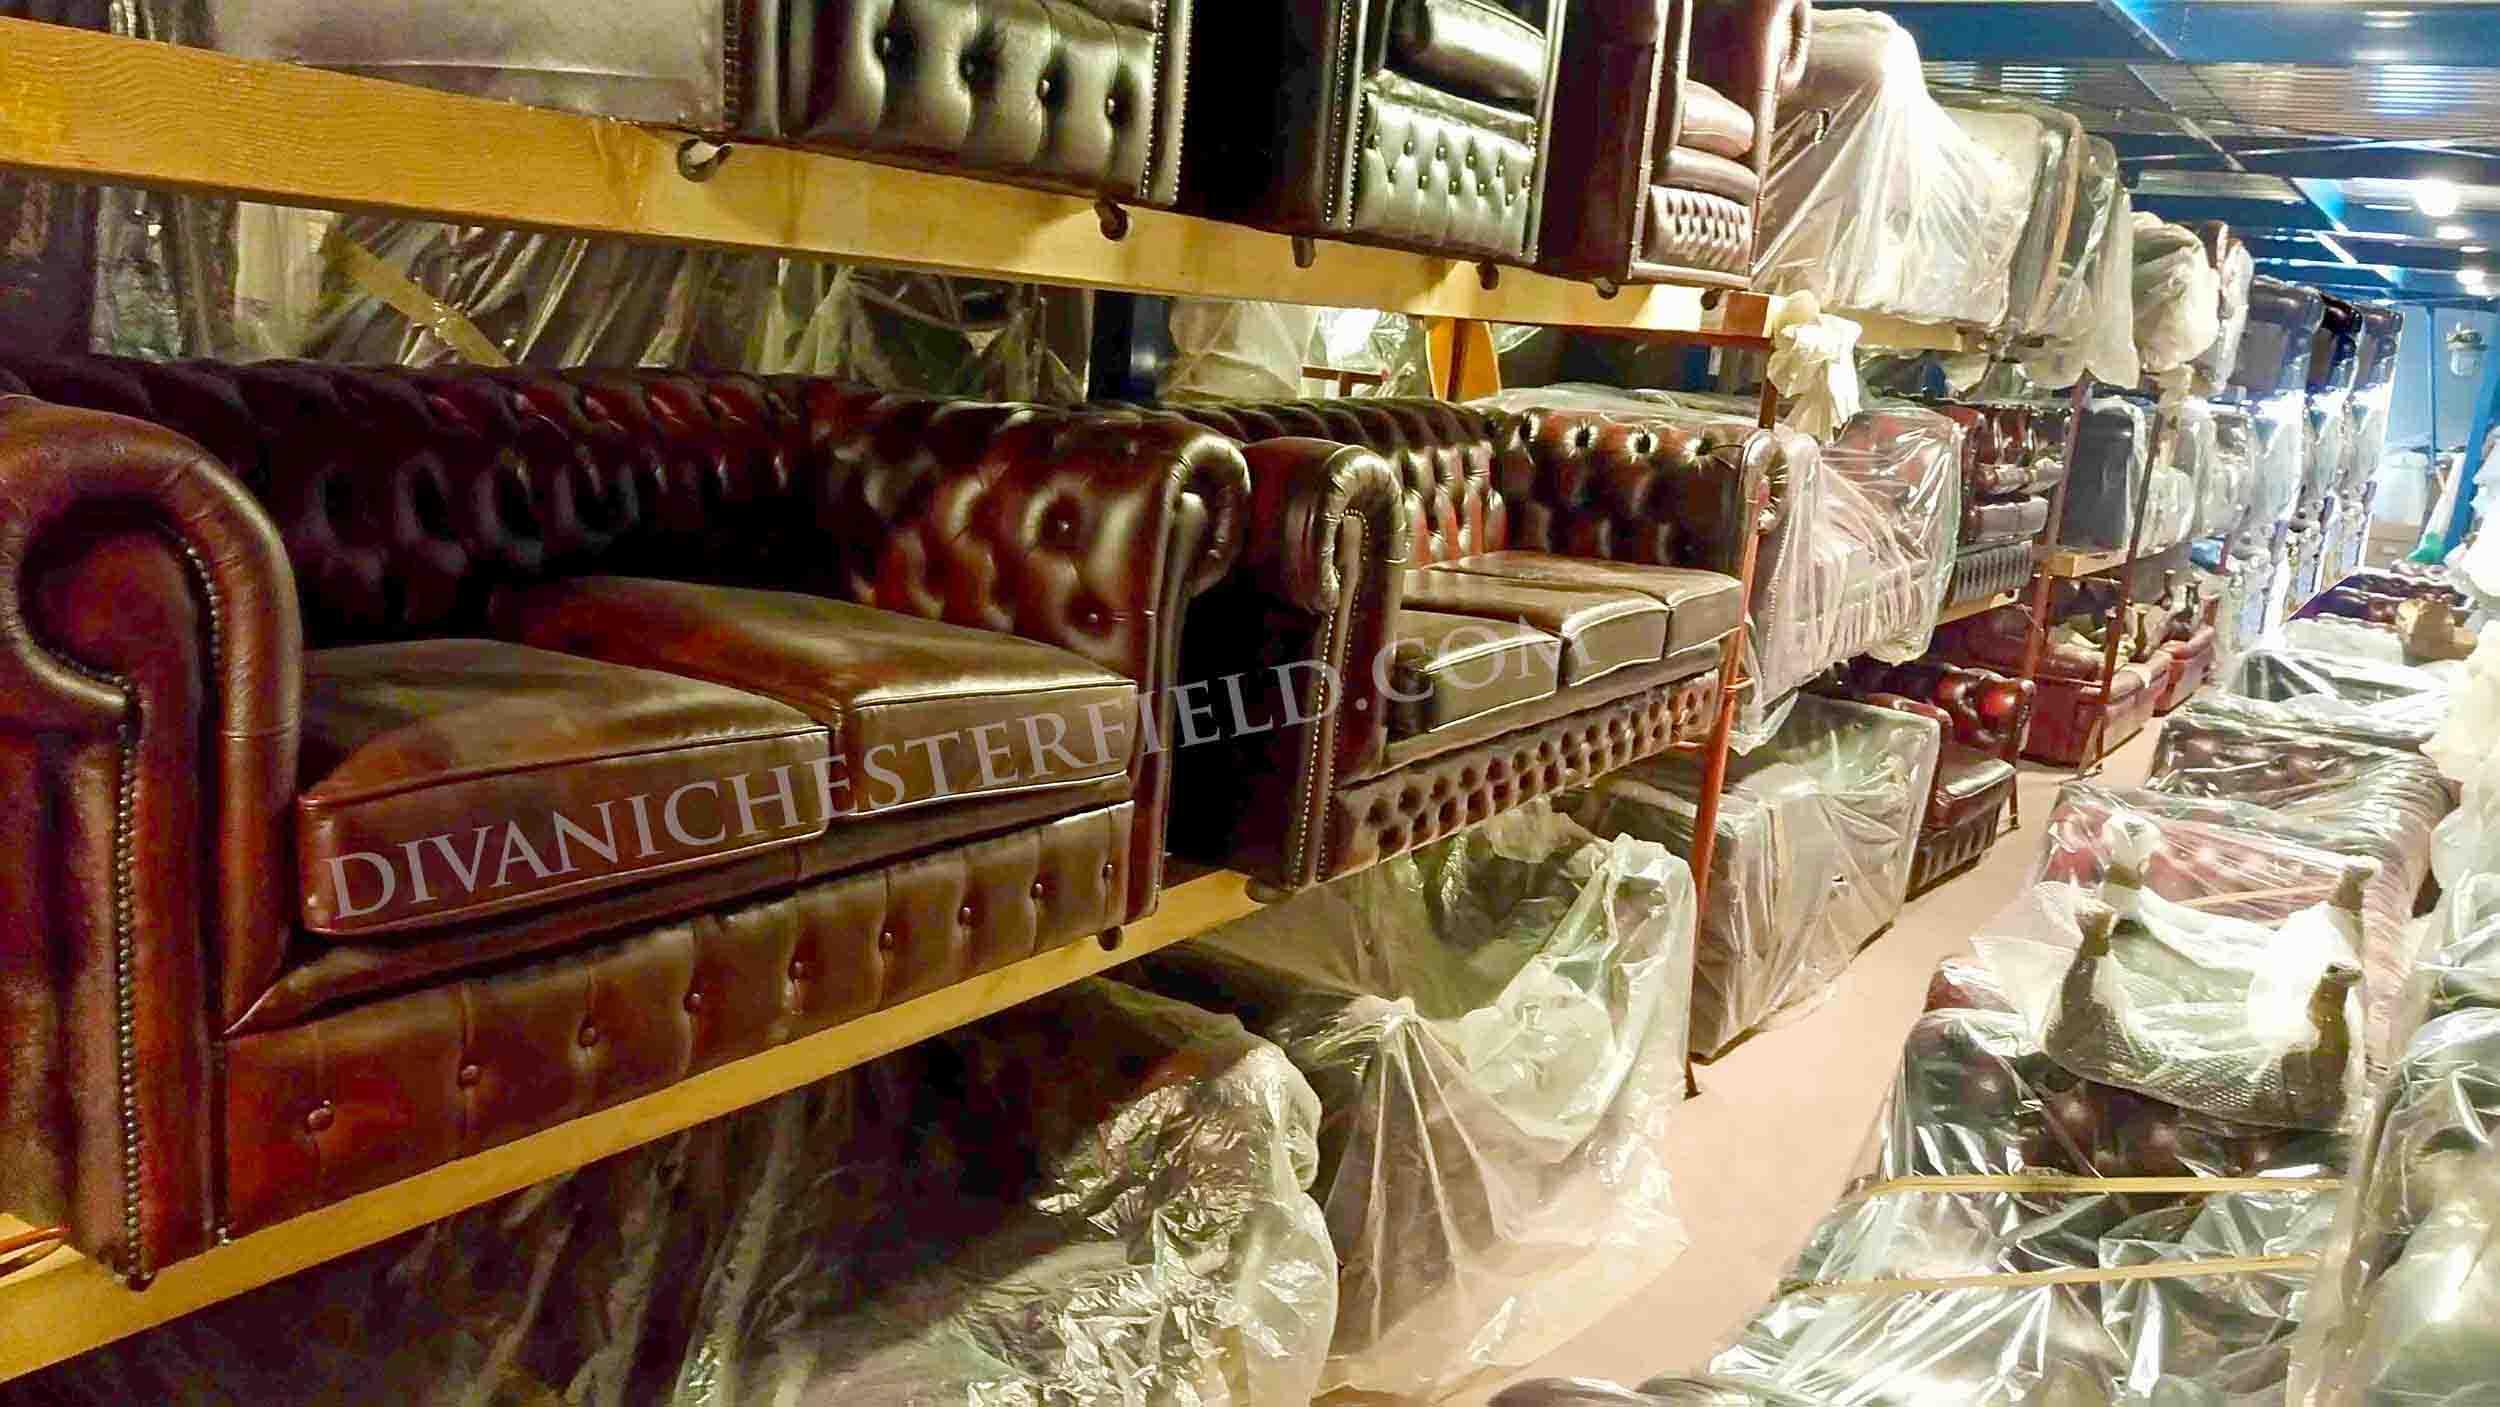 Divani chesterfield originali inglesi idee per il design della casa - Divano chesterfield prezzi ...